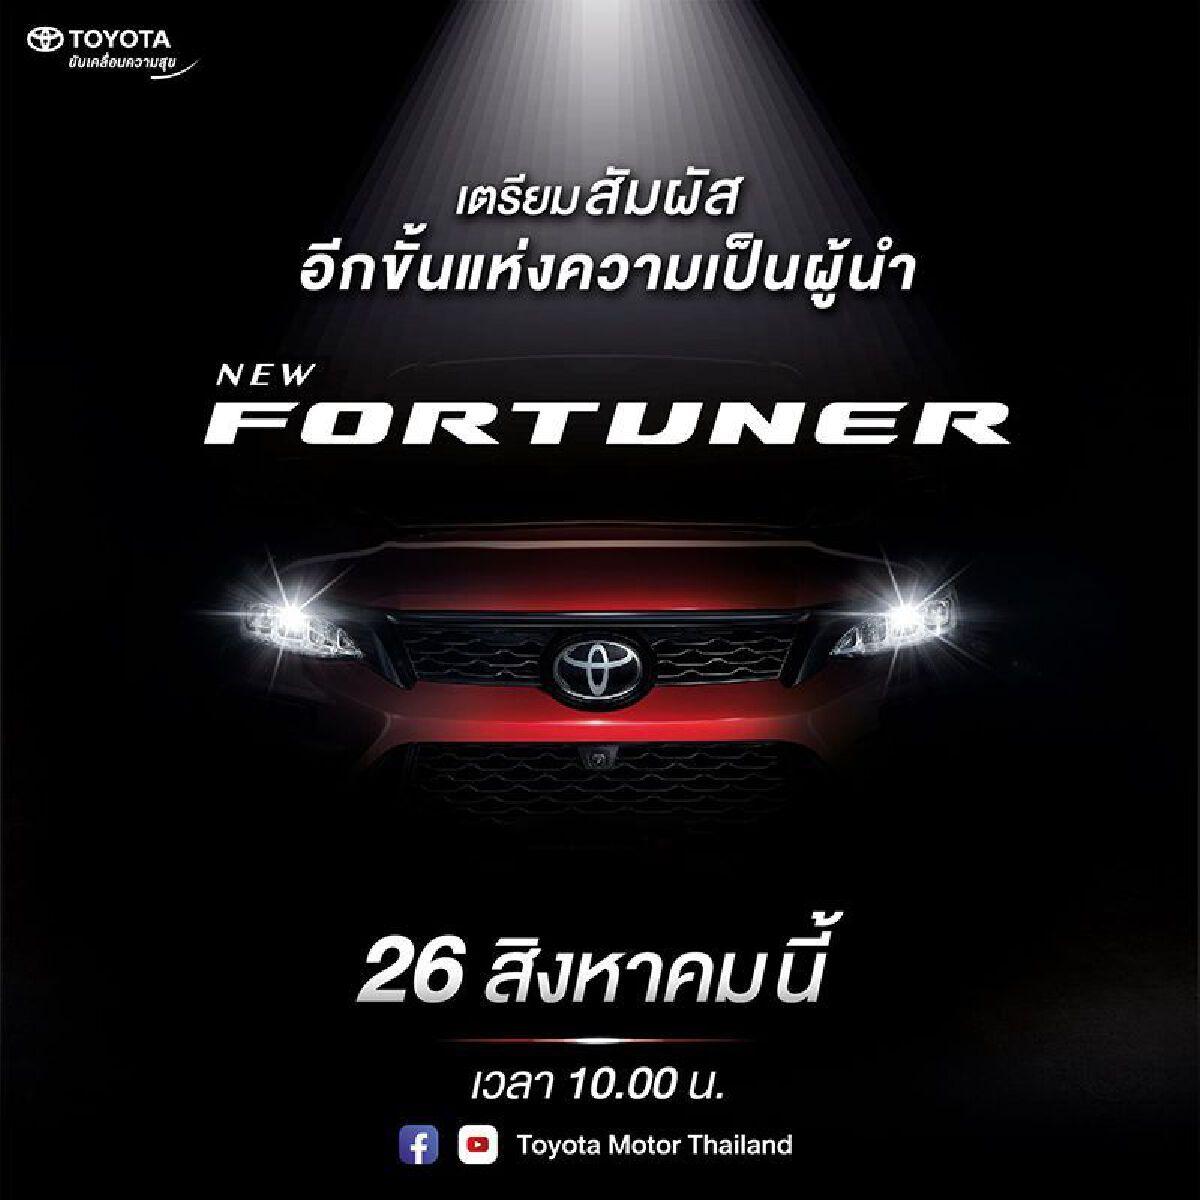 Toyota Fortuner GR Sport 2021 เปิดตัว 26 สิงหาคม 2564 ราคาทุกรุ่น